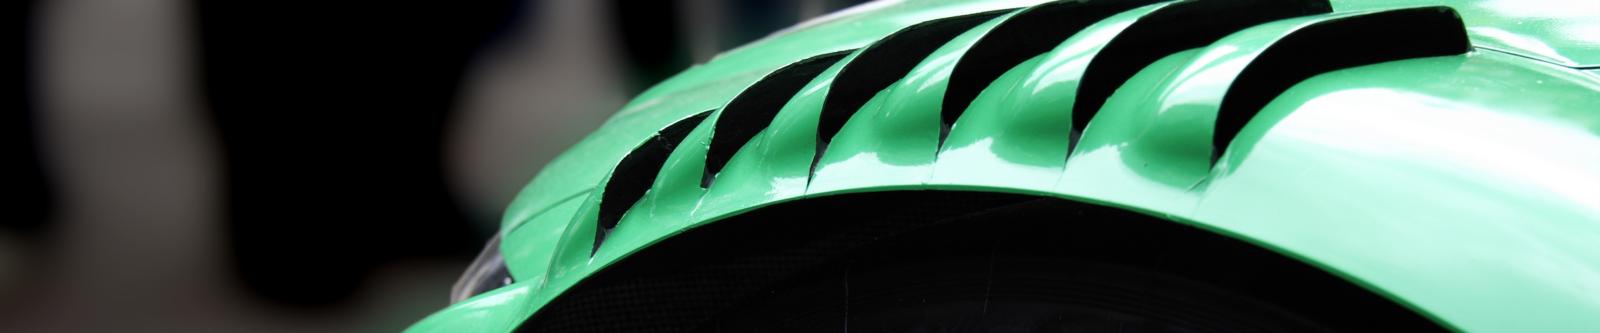 Green4U Electric Car Manufacturers